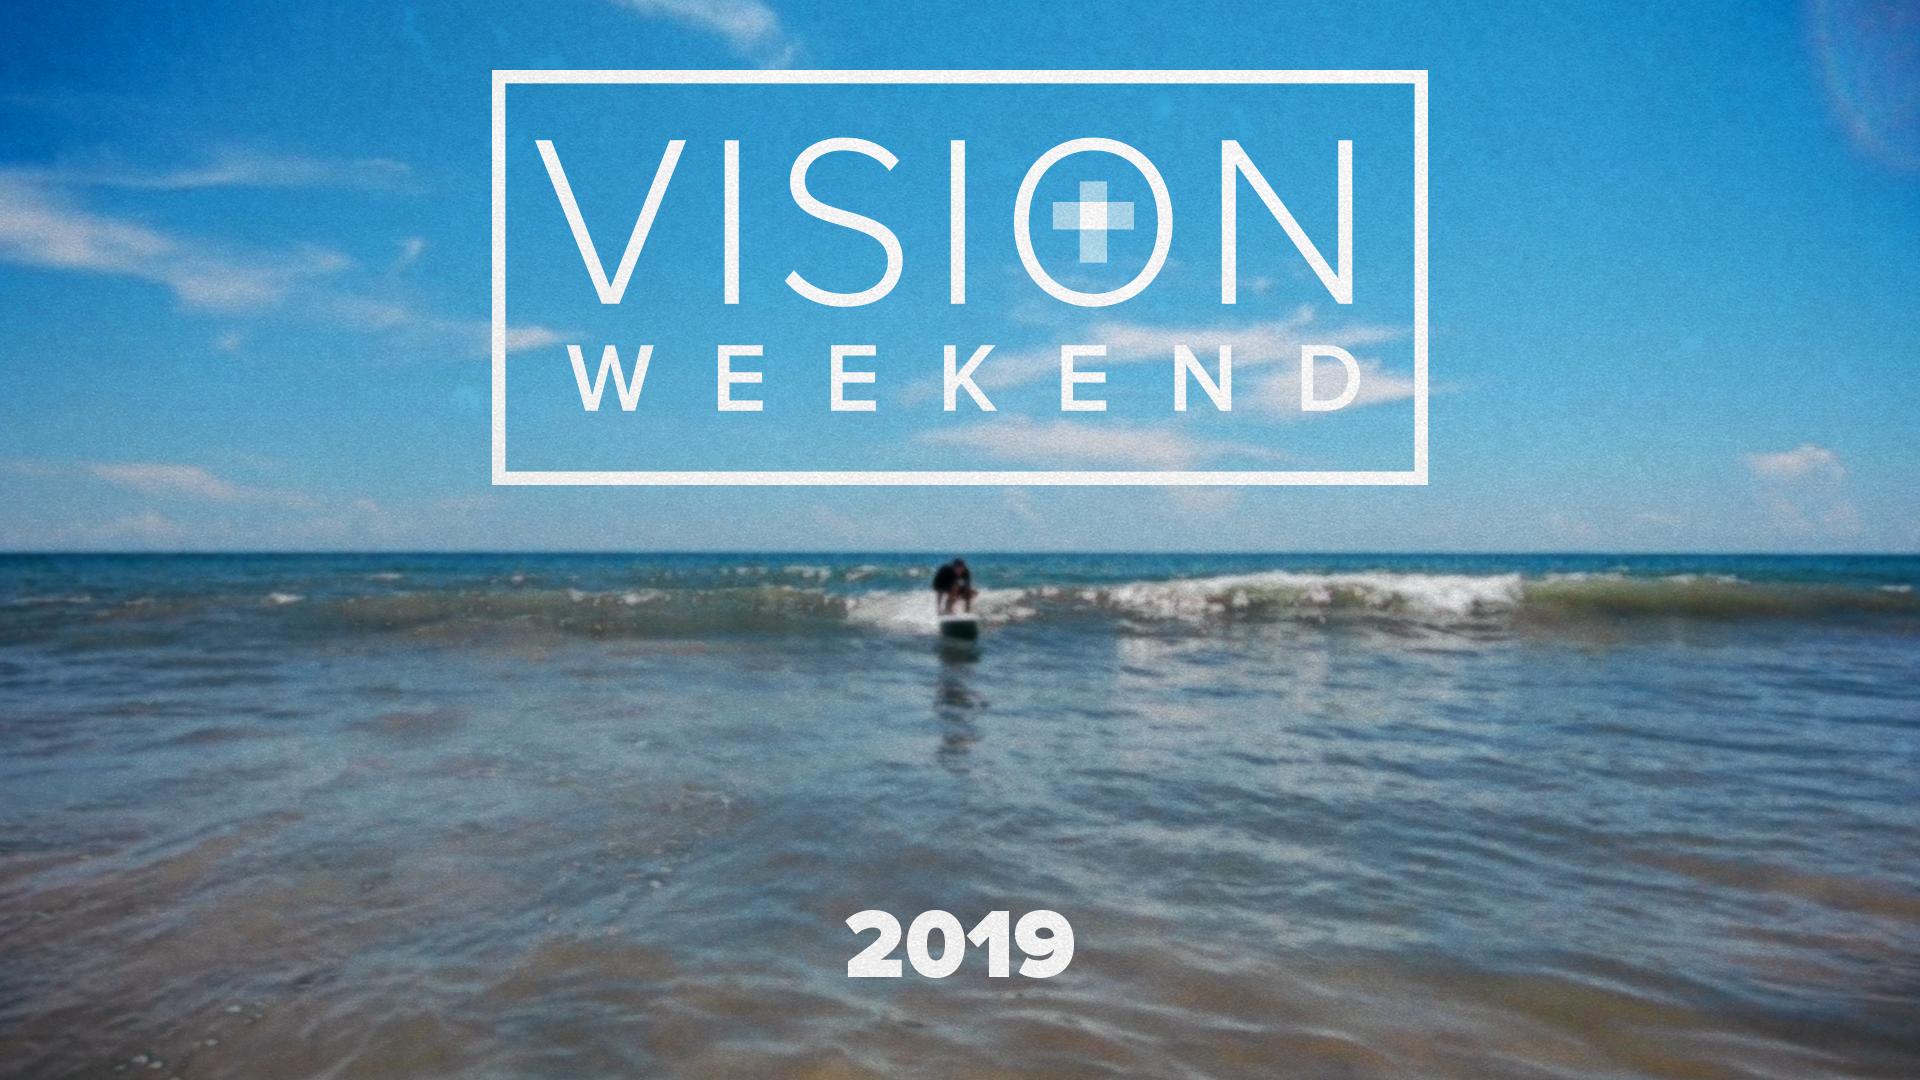 VisionWeekend_FINAL.jpg